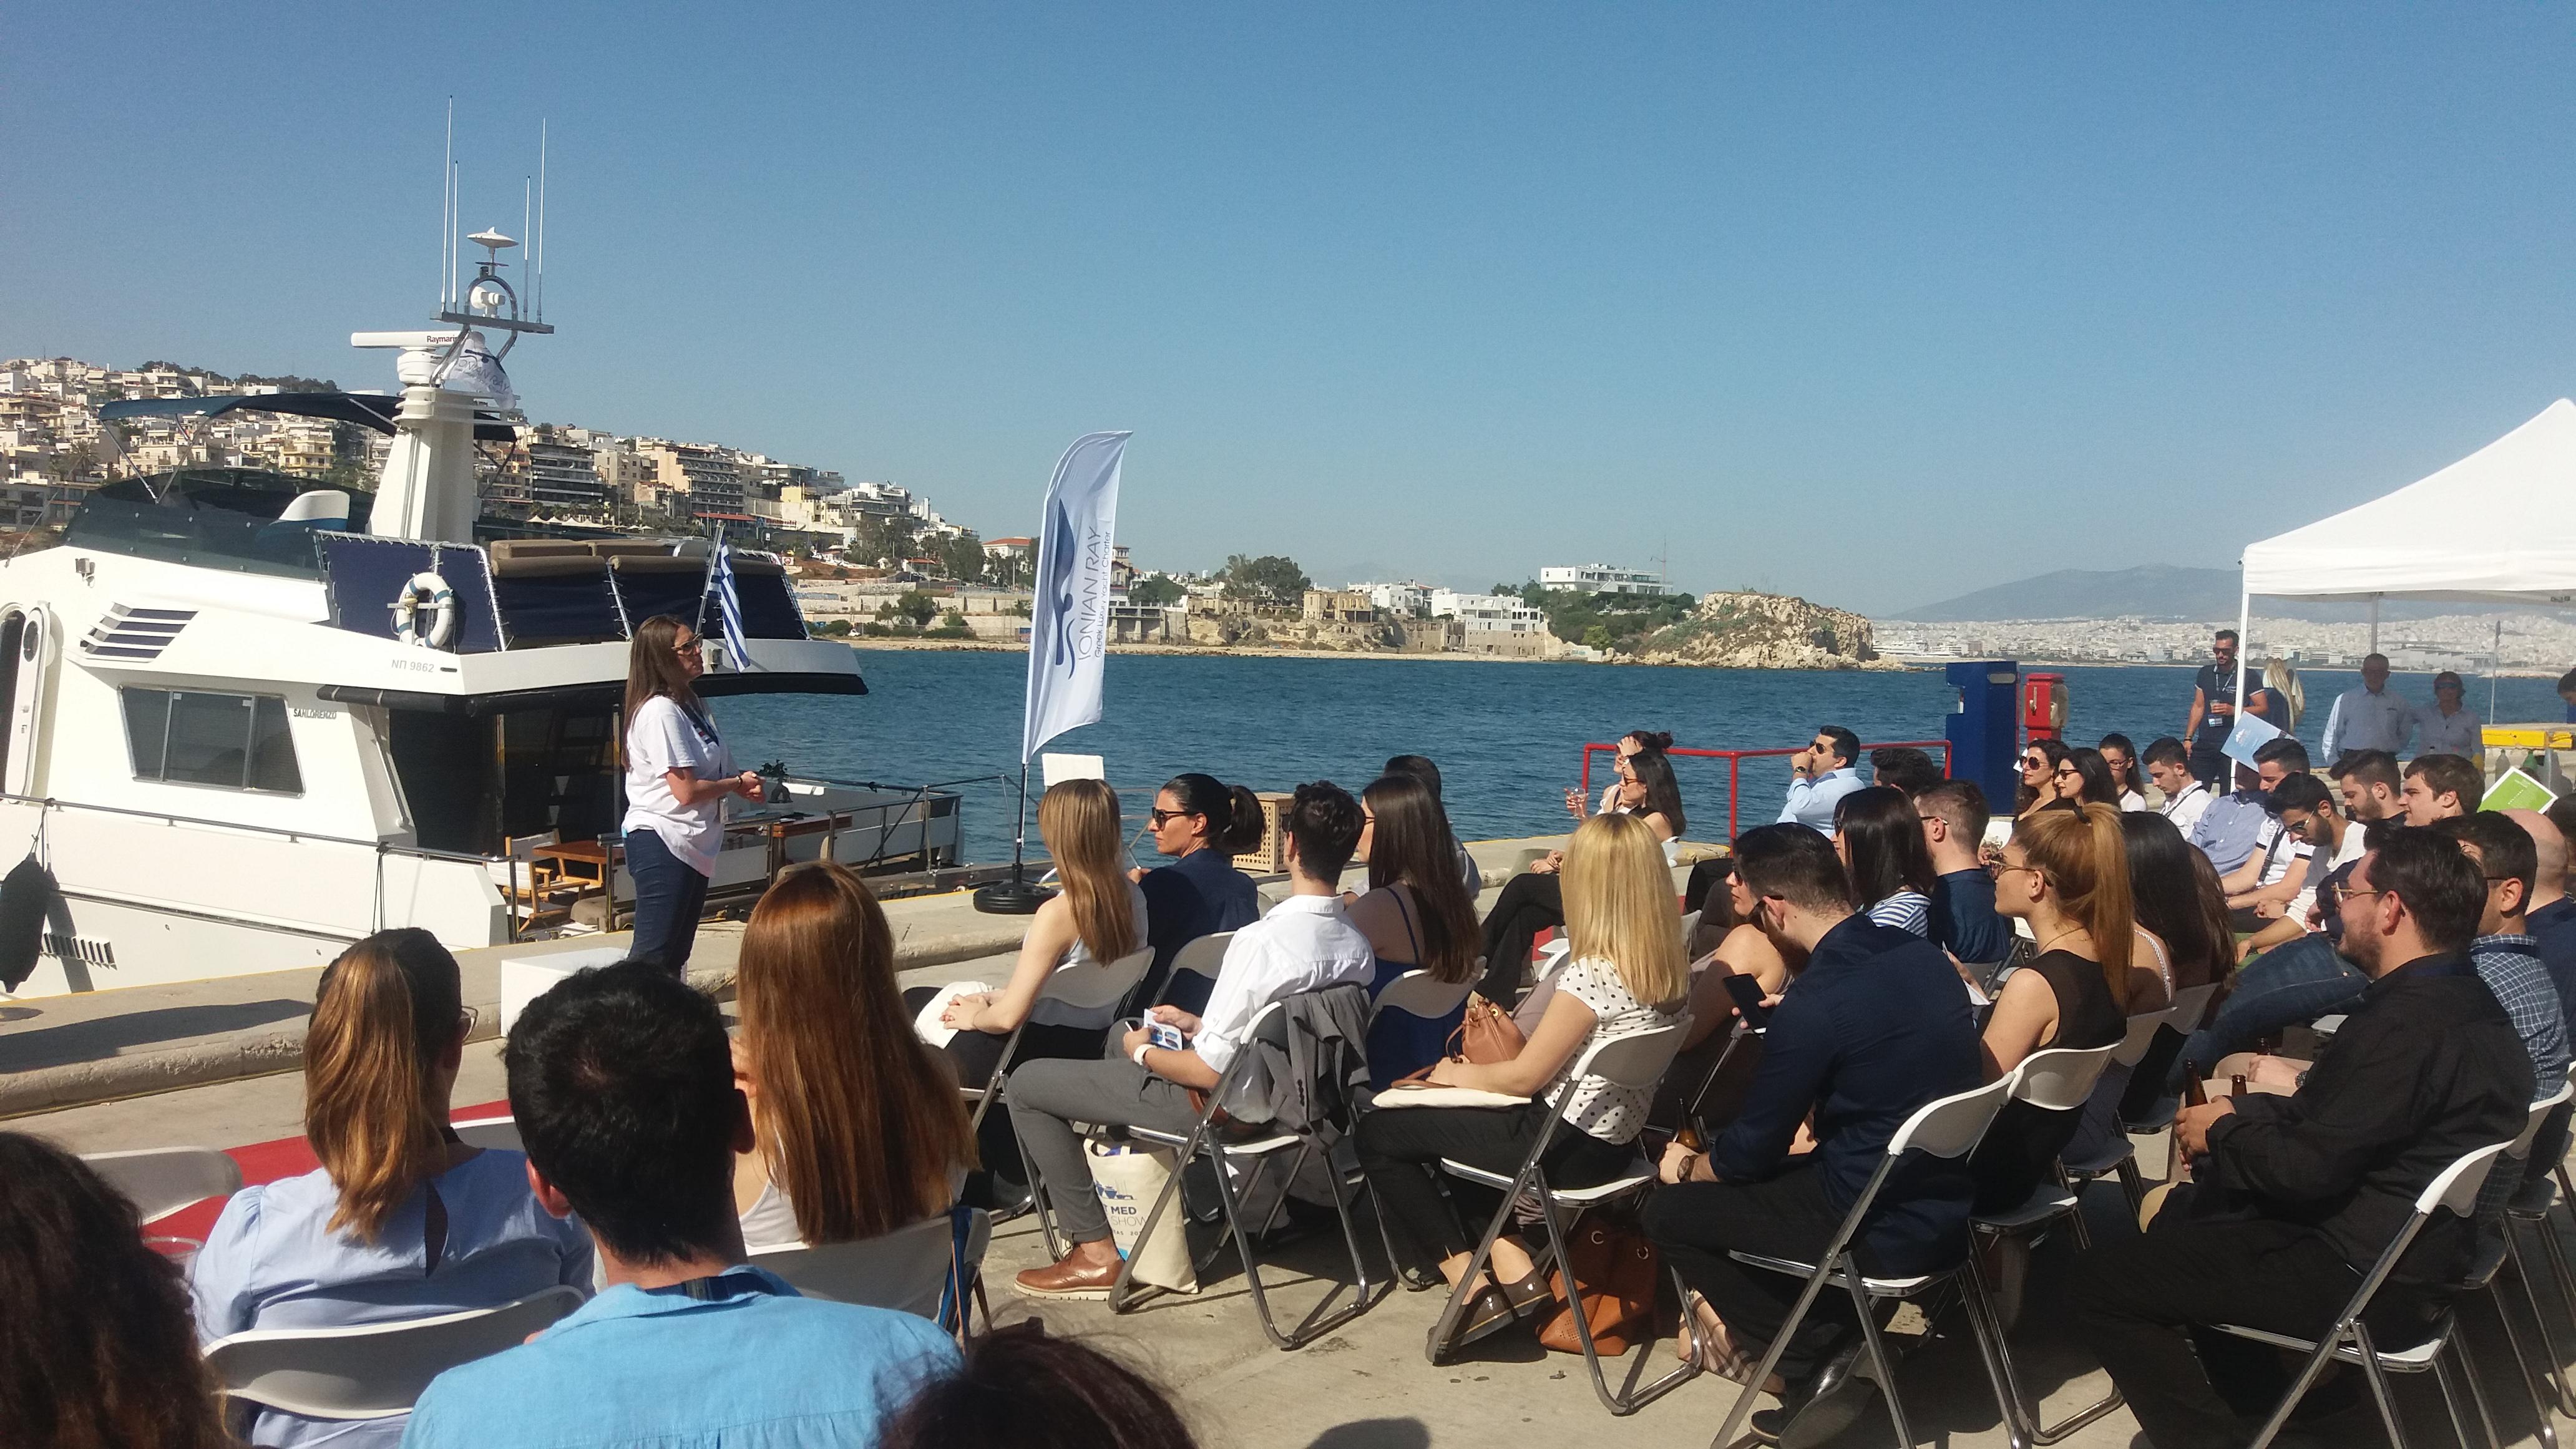 Αποτέλεσμα εικόνας για Το 17o East Med Yacht Show 2018, Ολοκληρώθηκε με συμμετοχή 10 χωρών